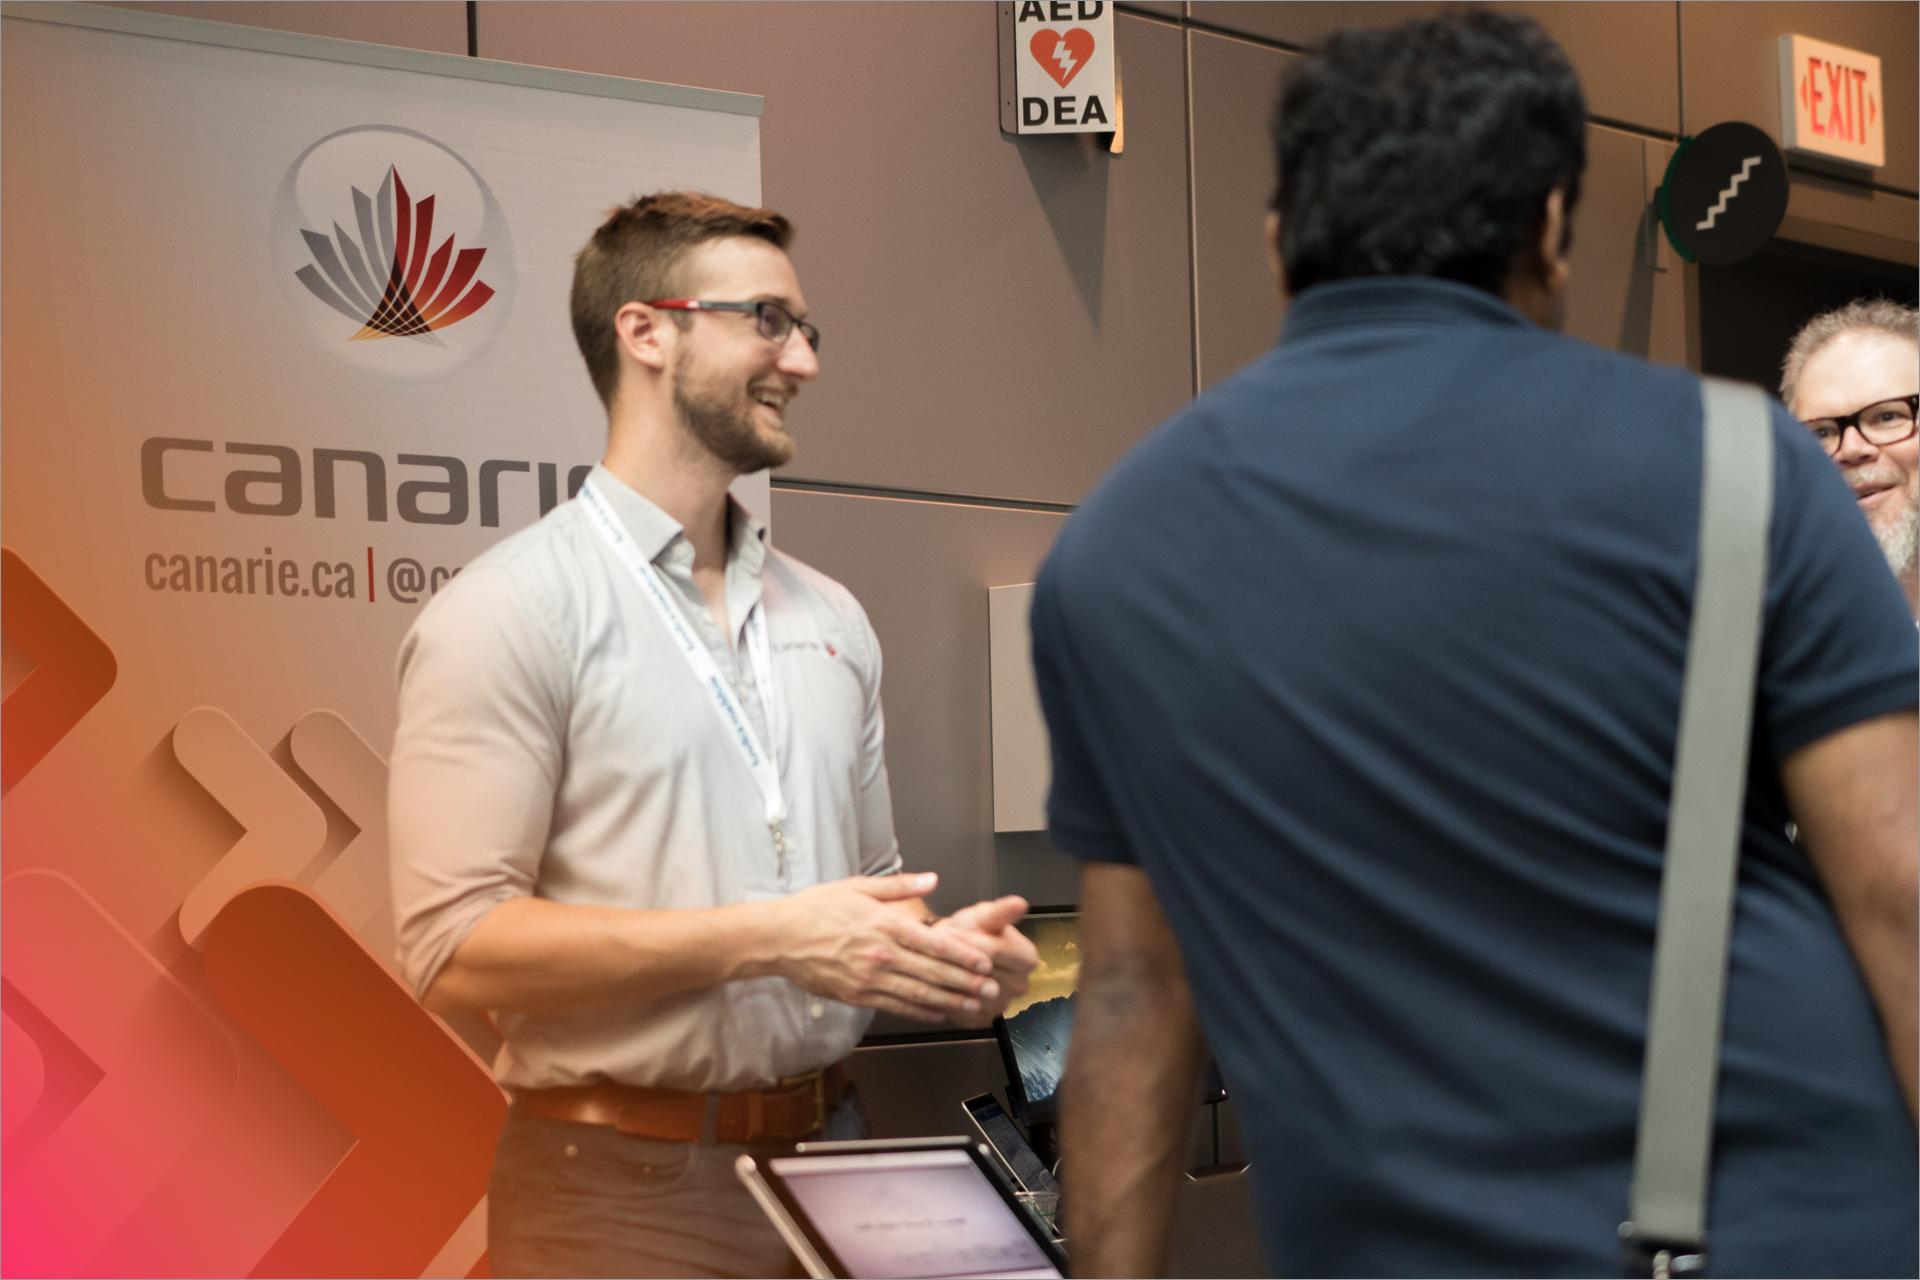 Rejoignez notre parcours à travers le Canada - Nos événements pan-canadiens offrent une exposition de votre marque unique et à l'échelle nationale, ainsi que d'excellentes opportunités pour soutenir les entrepreneurs canadiens les plus prometteurs.